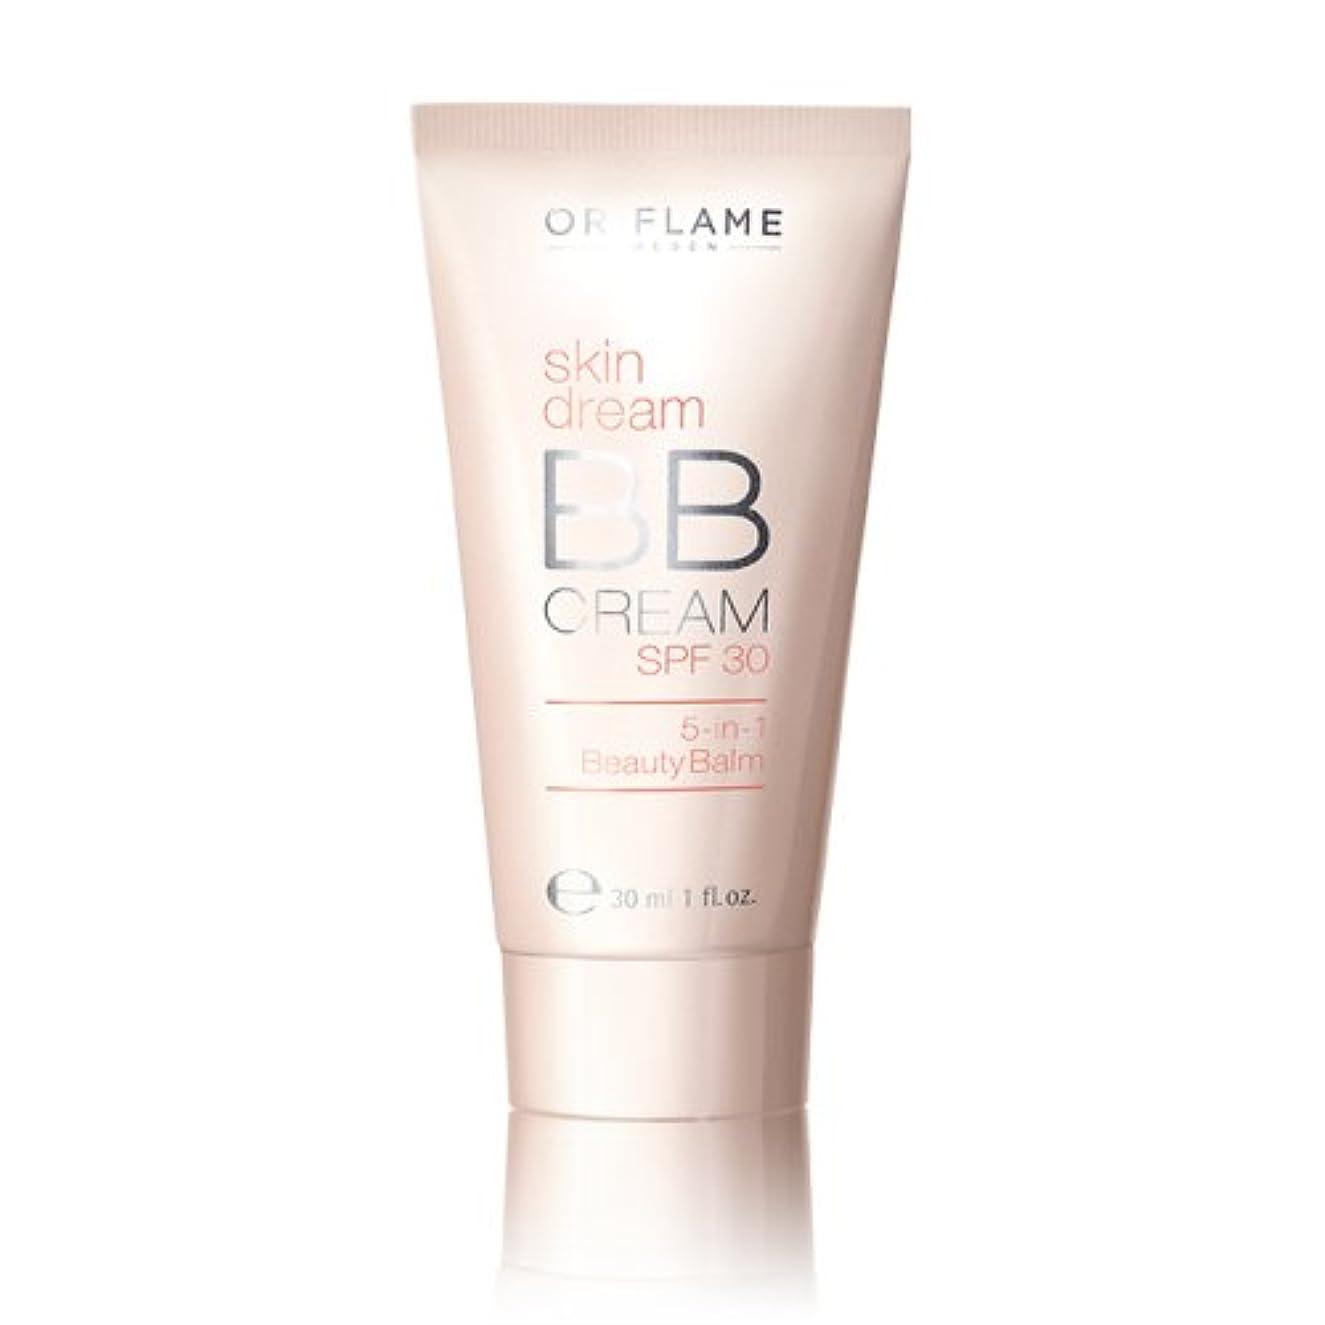 統計的プロフェッショナル流OriflameスキンDream BBクリーム( 30 ml )